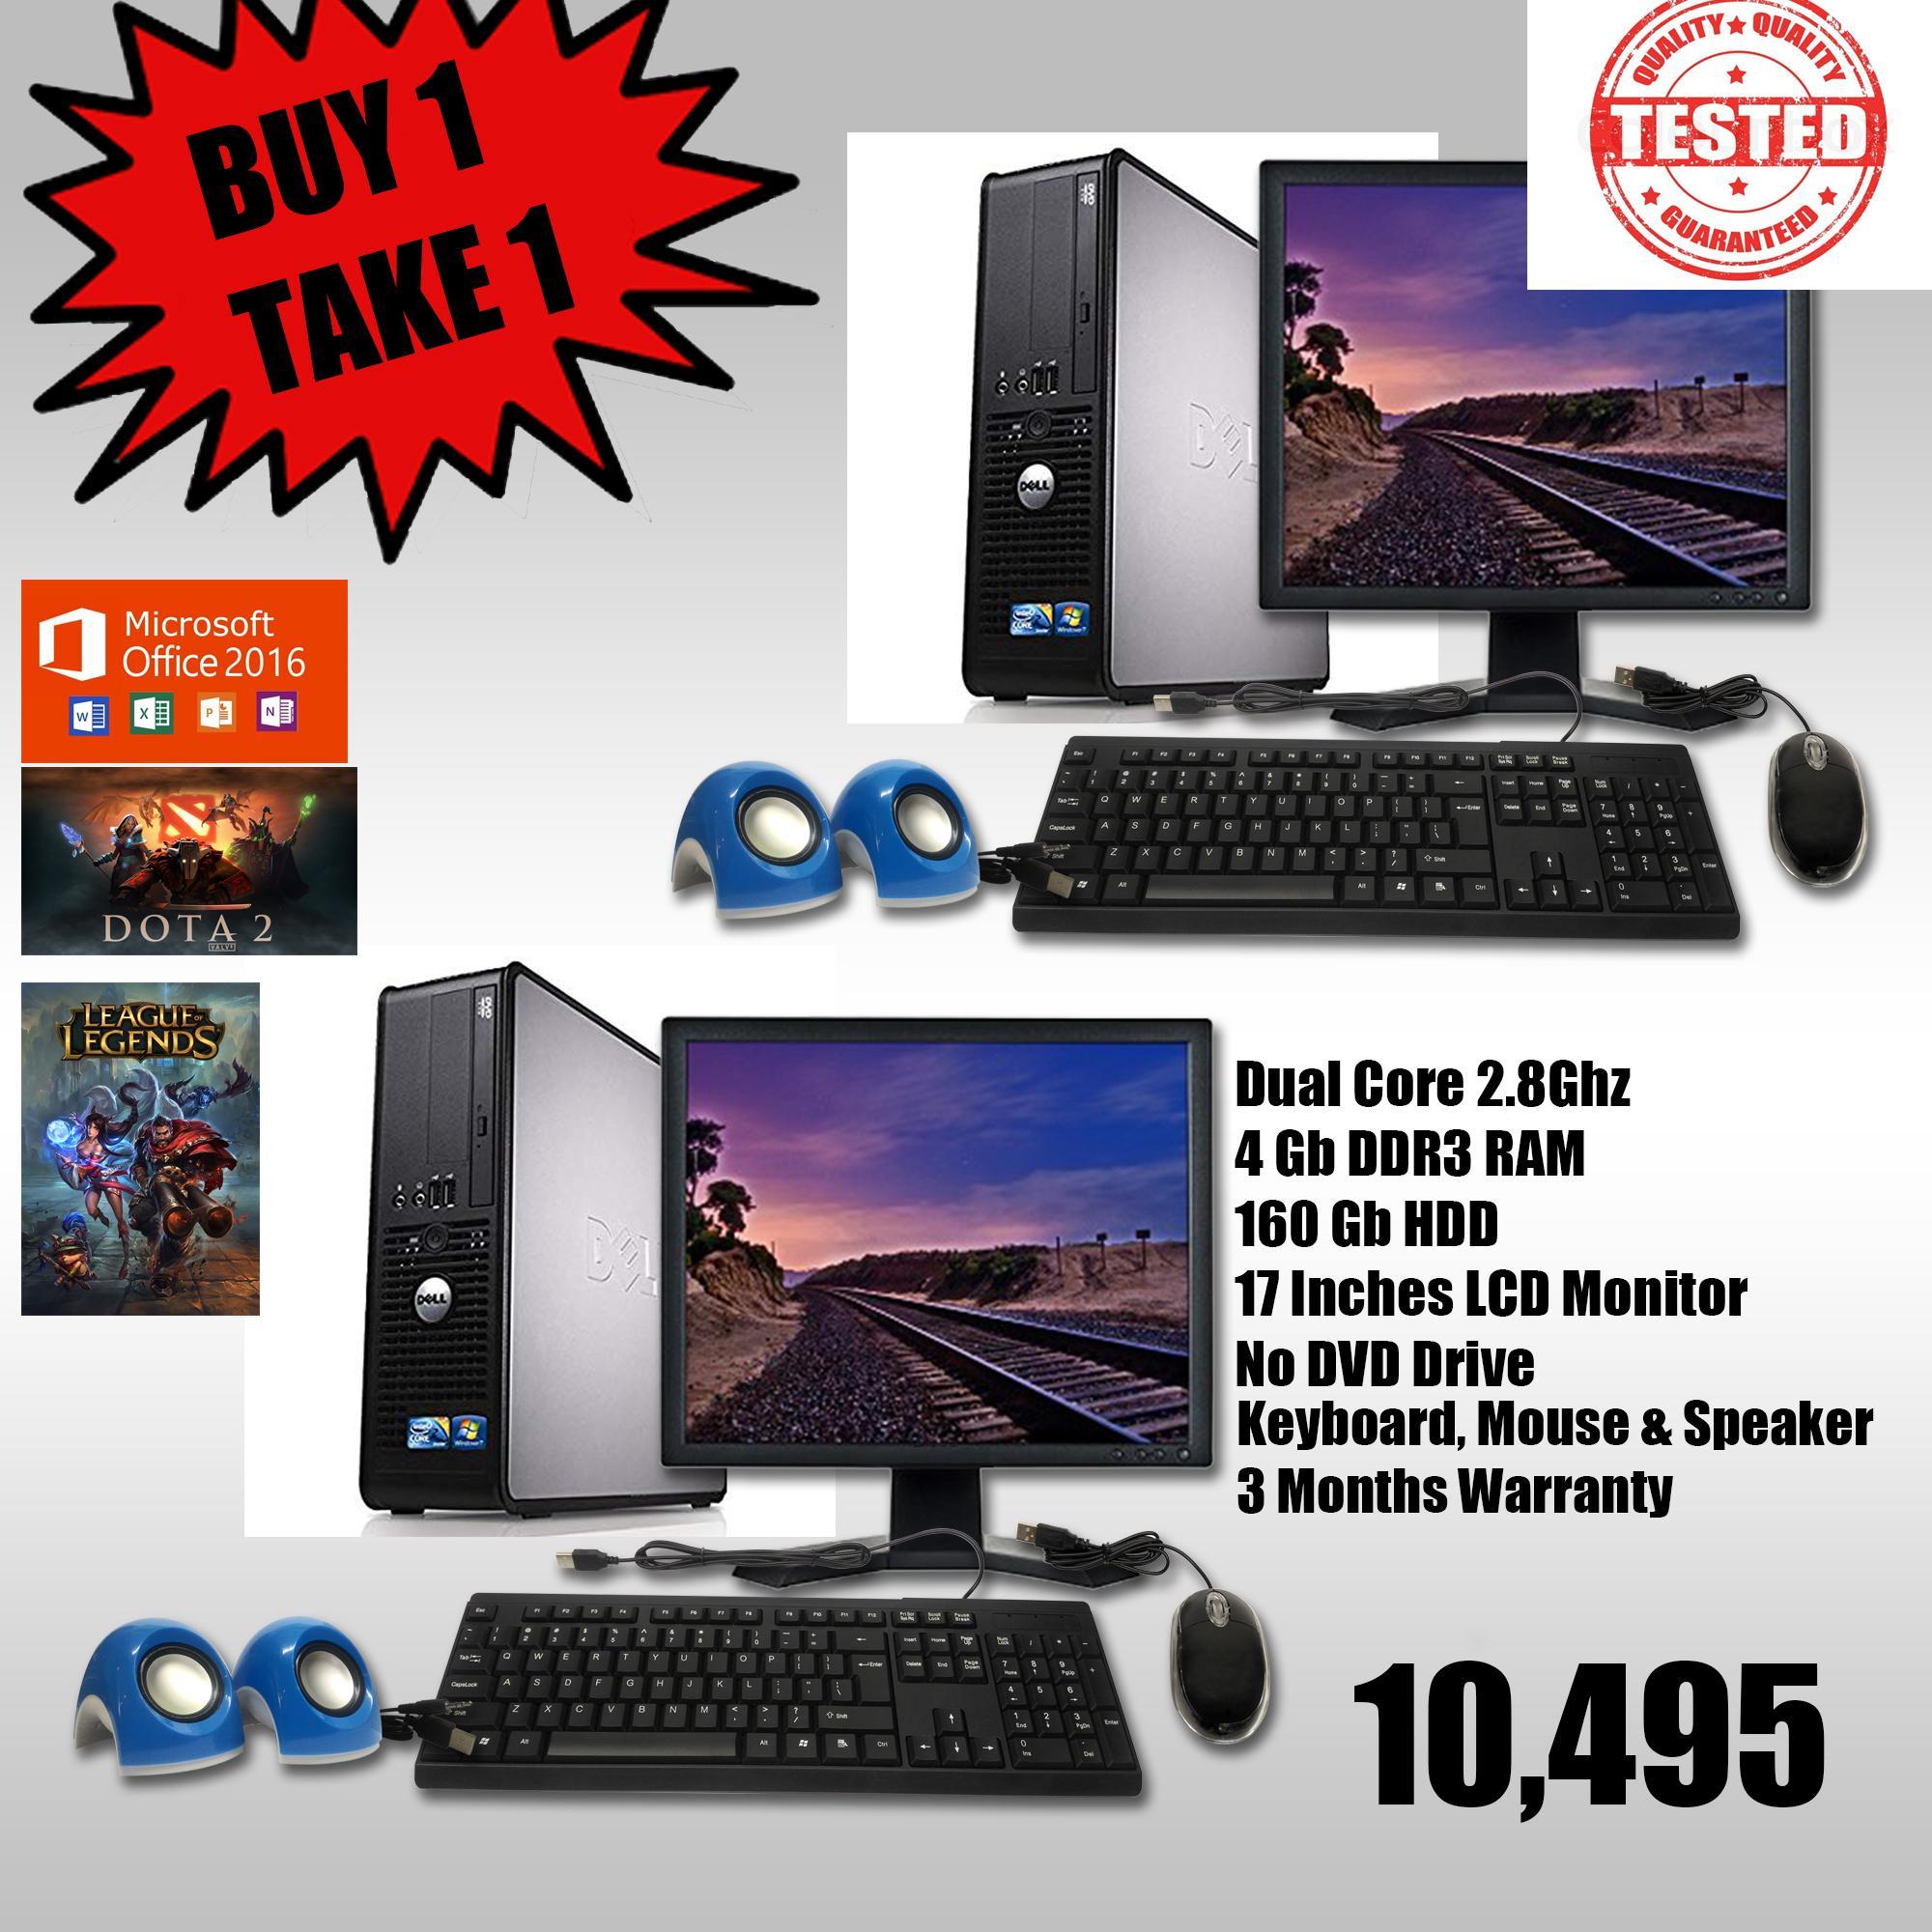 Dell 780 2 8Ghz Computer Set BUY 1 Take 1 (Seller Refurbished)